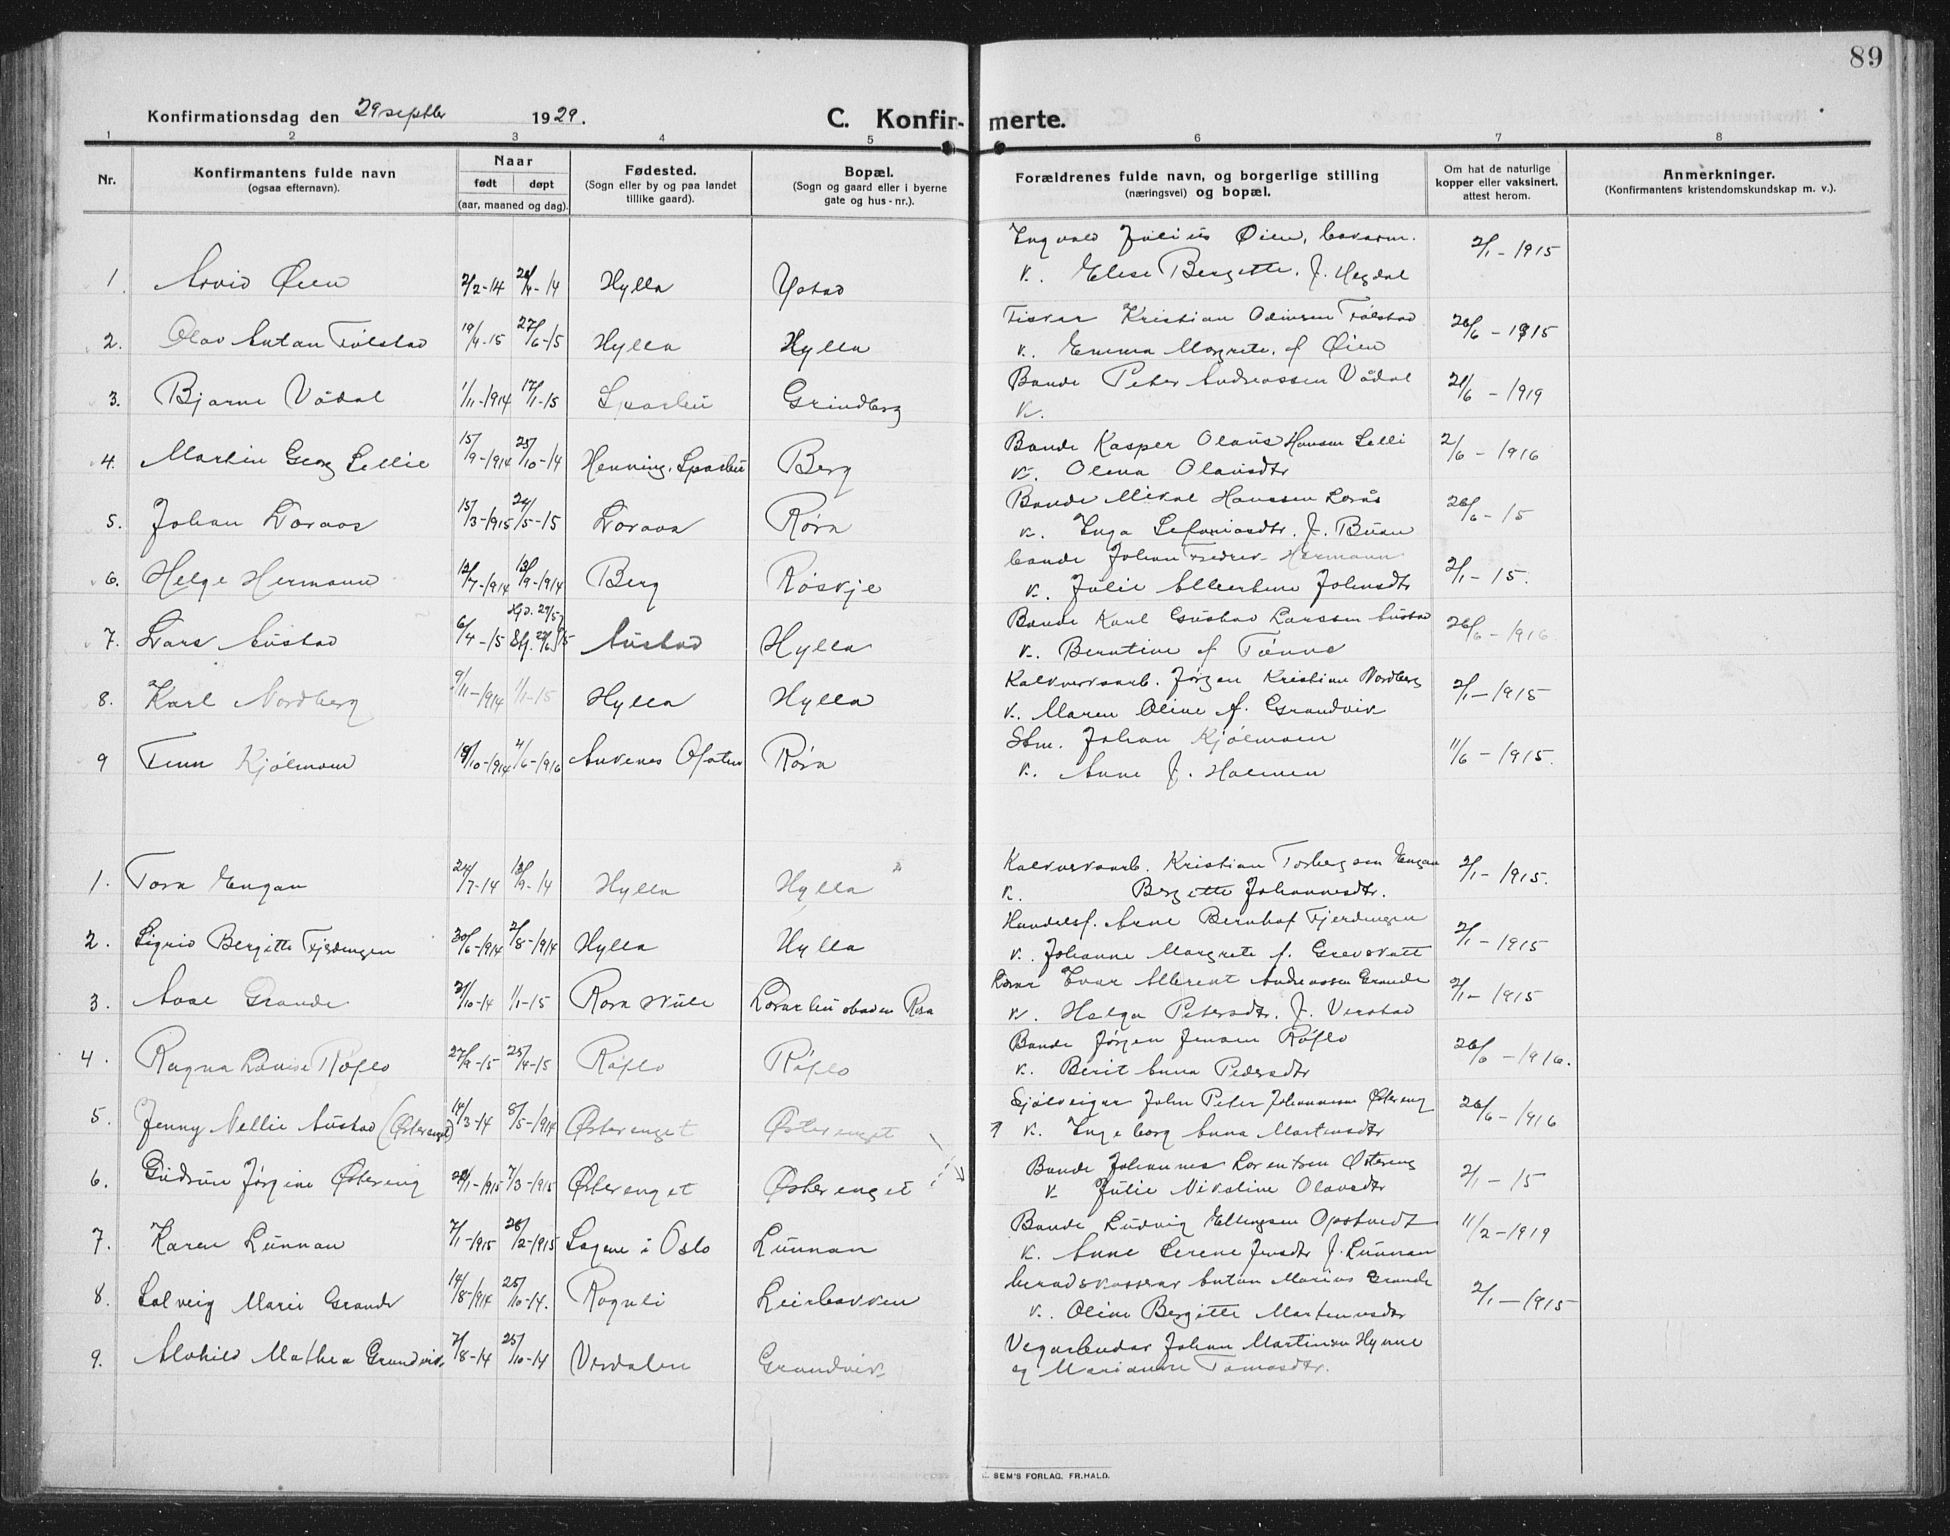 SAT, Ministerialprotokoller, klokkerbøker og fødselsregistre - Nord-Trøndelag, 731/L0312: Klokkerbok nr. 731C03, 1911-1935, s. 89